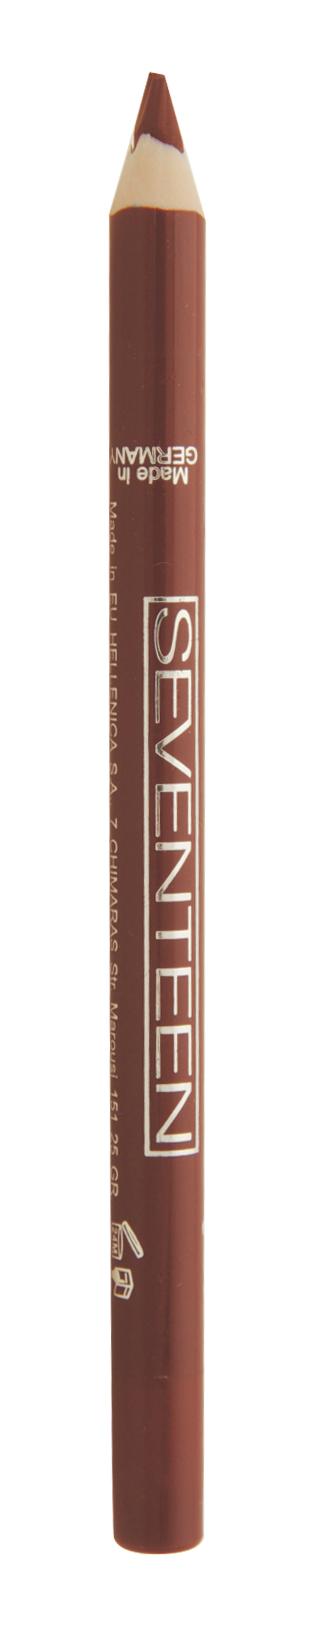 SEVENTEEN Карандаш для губ водостойкий с витамином Е, 01 натуральный бежевый / Super Smooth W/P Lip Liner 1,2 г косметические карандаши seventeen карандаш для губ водостойкий с витамином е super smooth w p lip liner 32